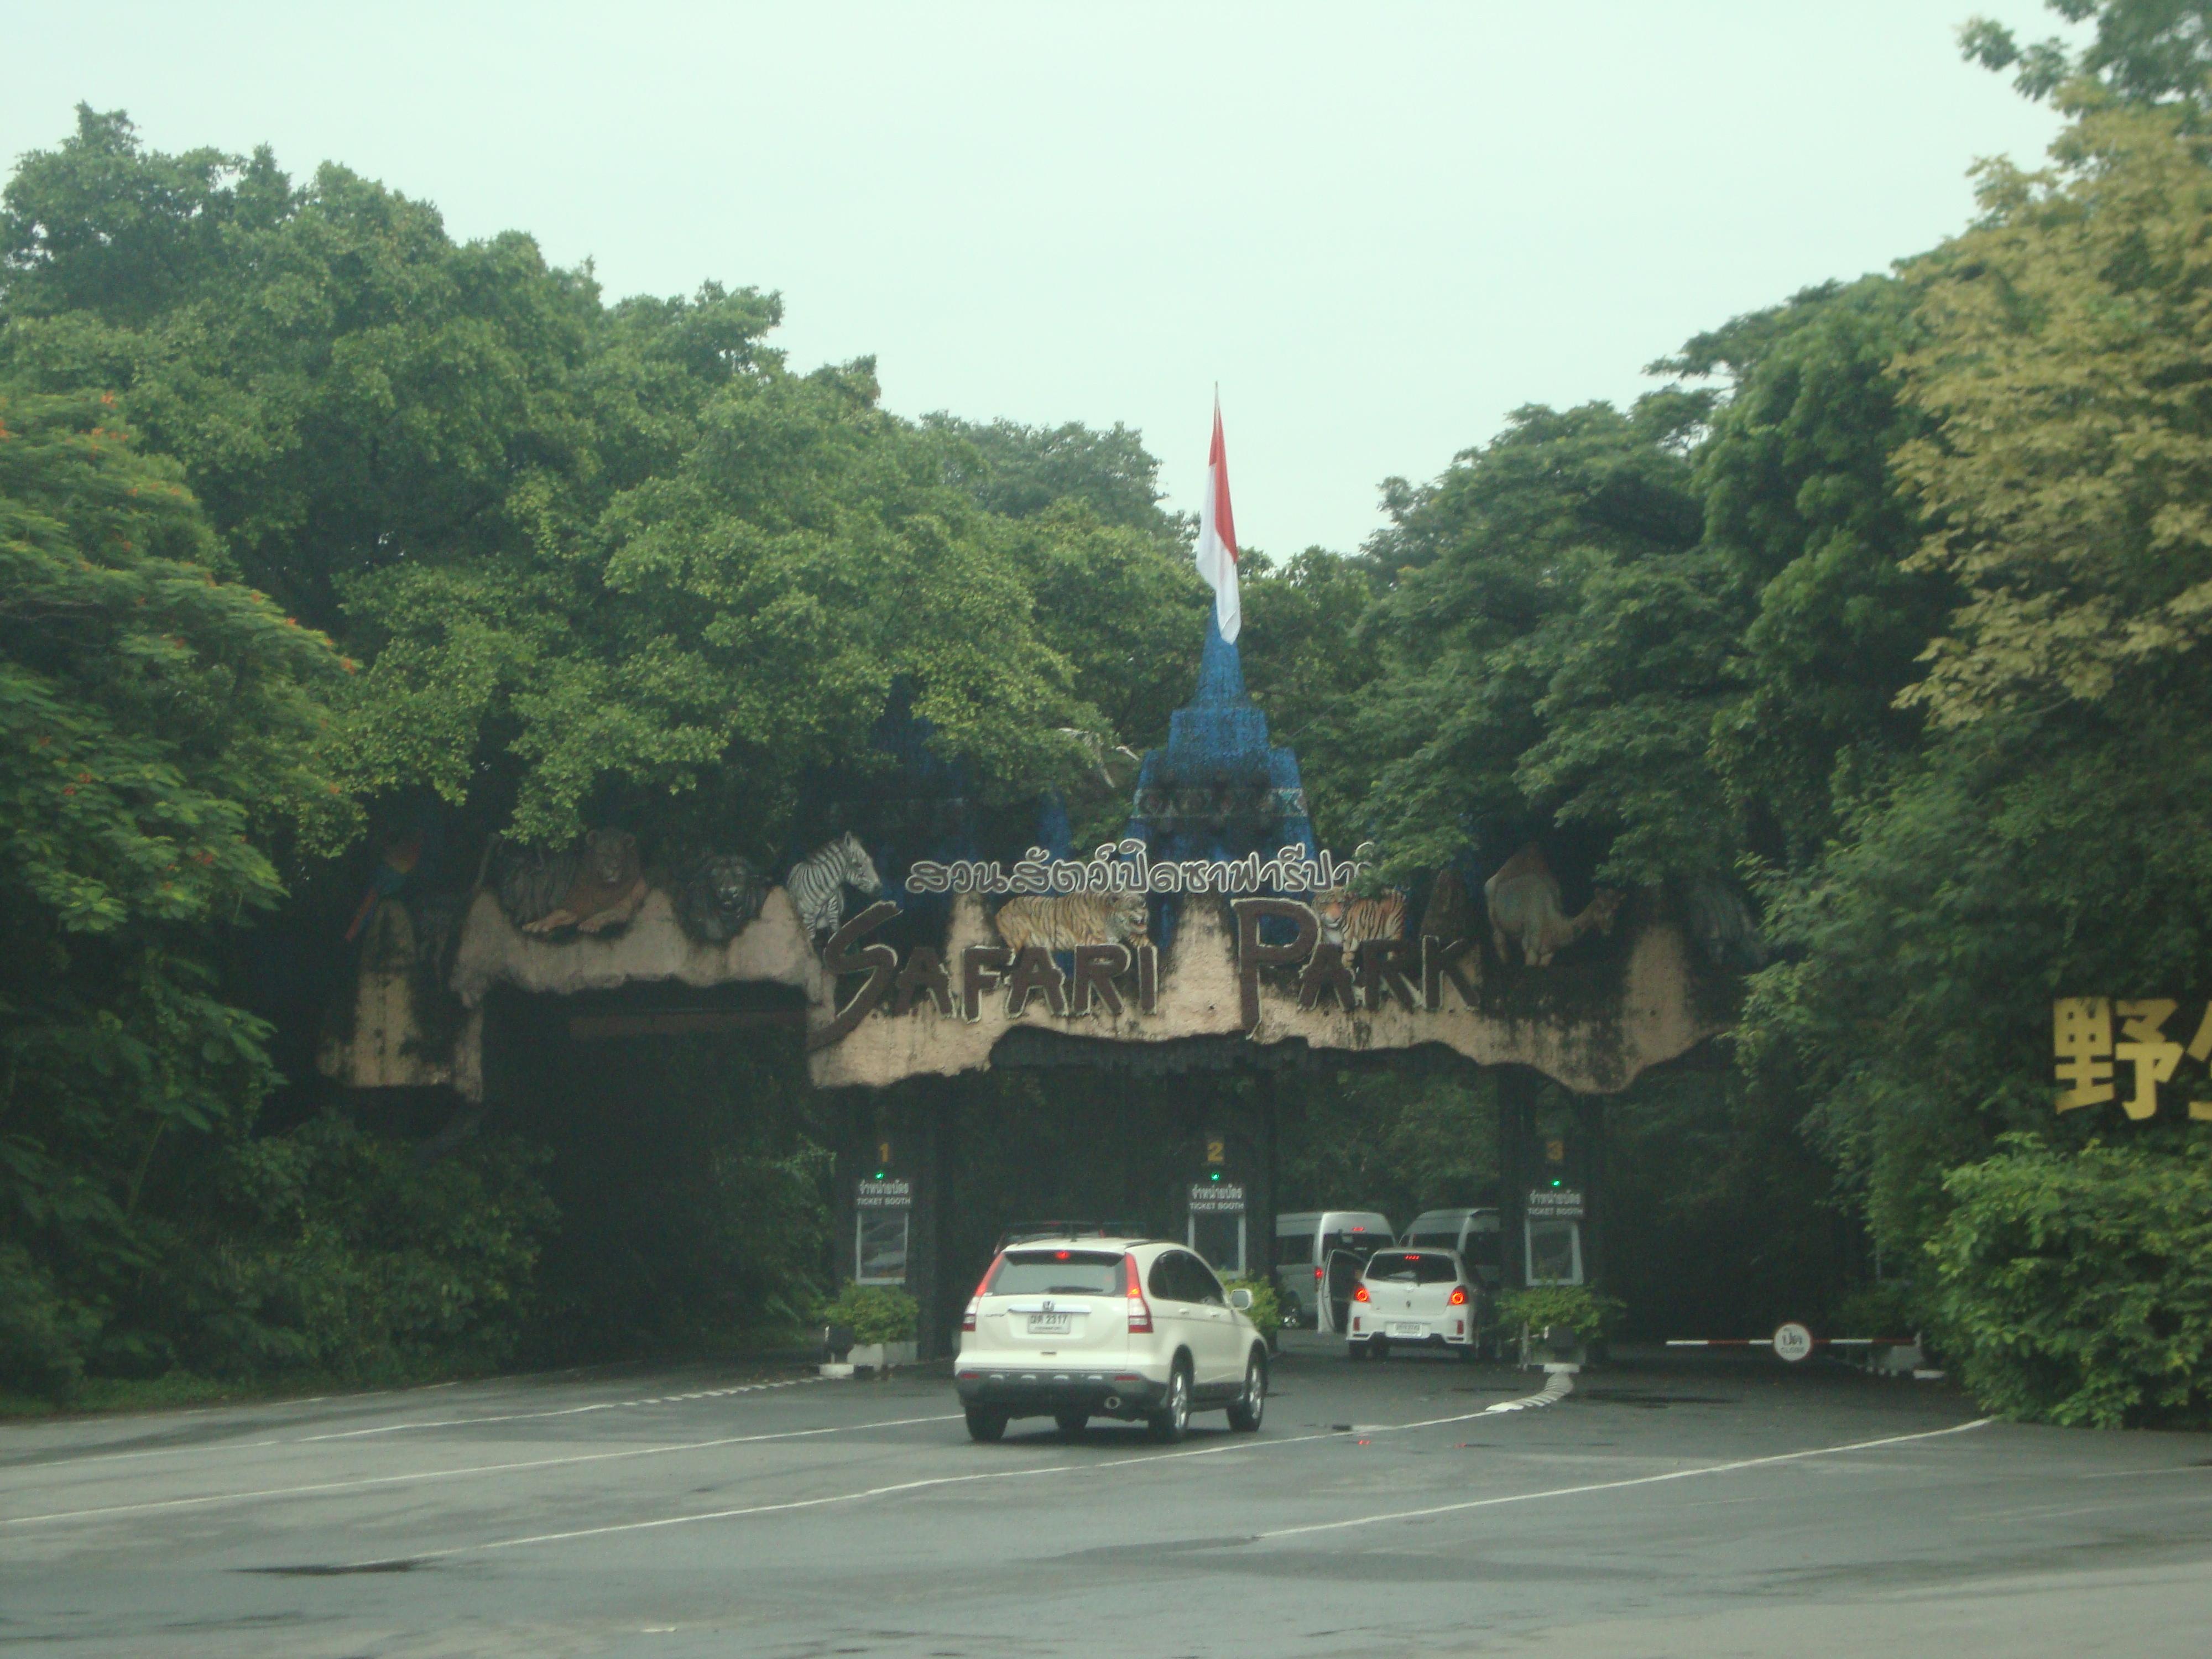 Safari Park, Bangkok, Thailand